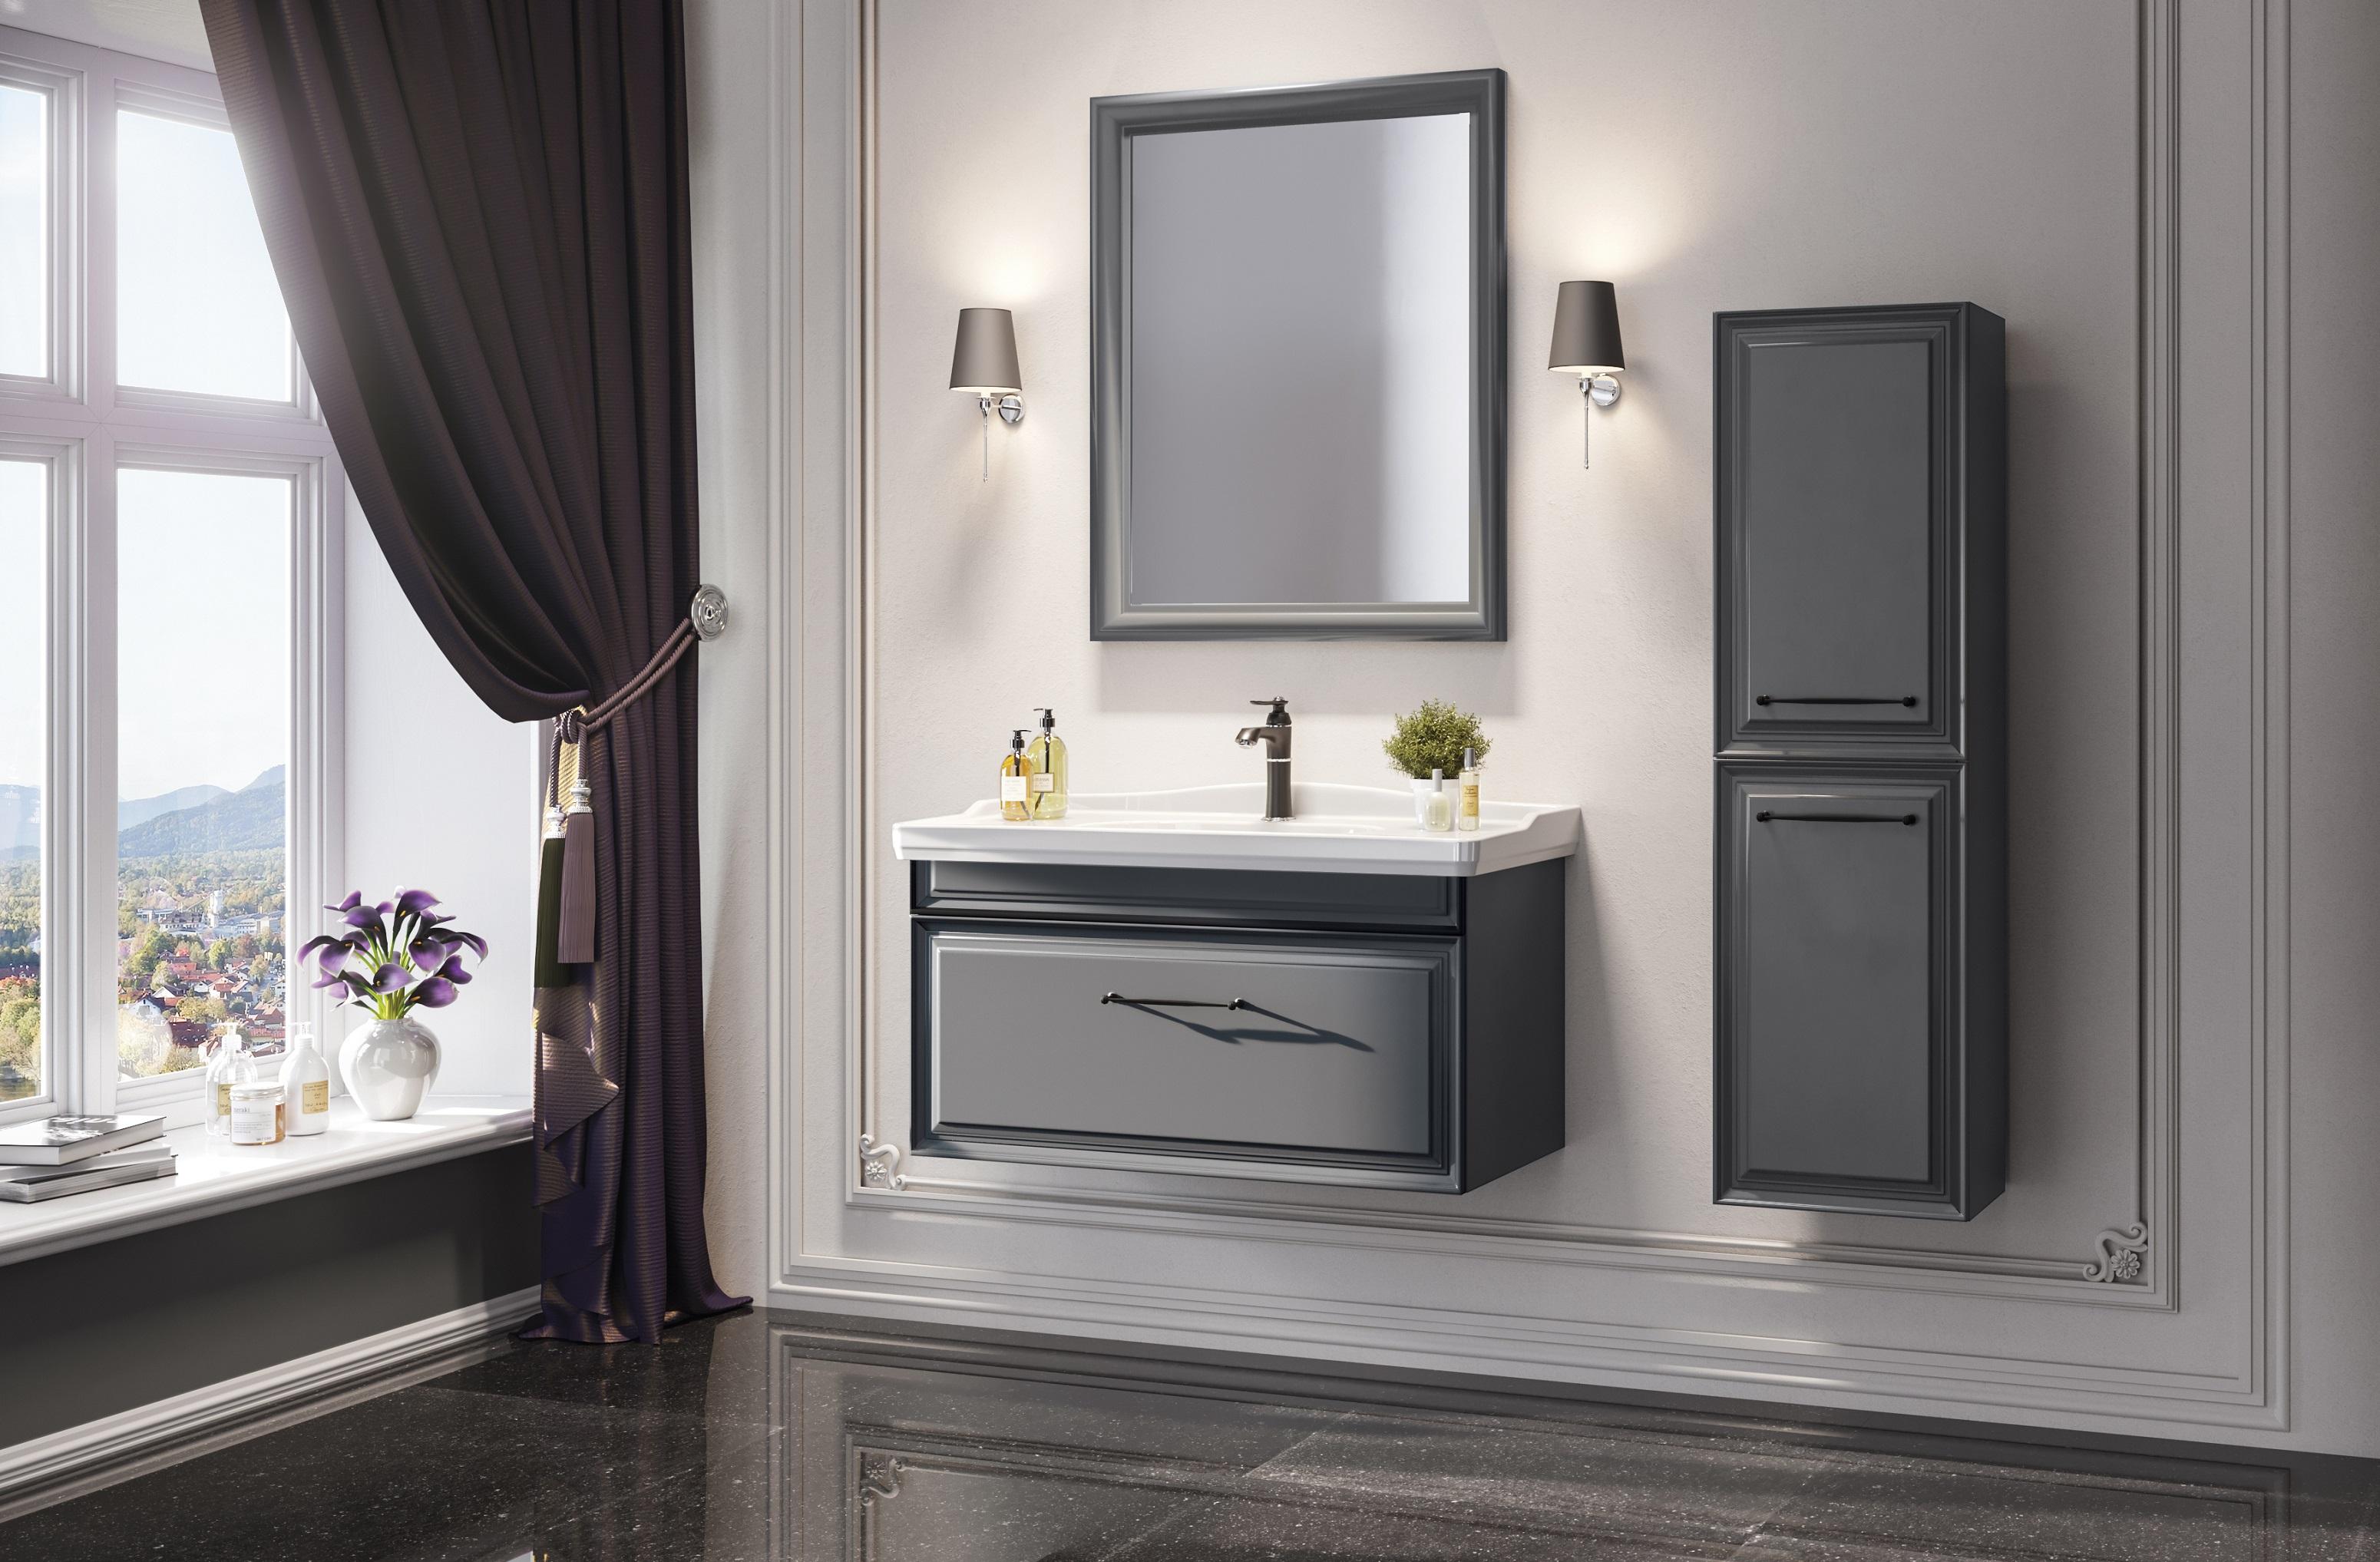 ORKA-Banyo-DESIGN